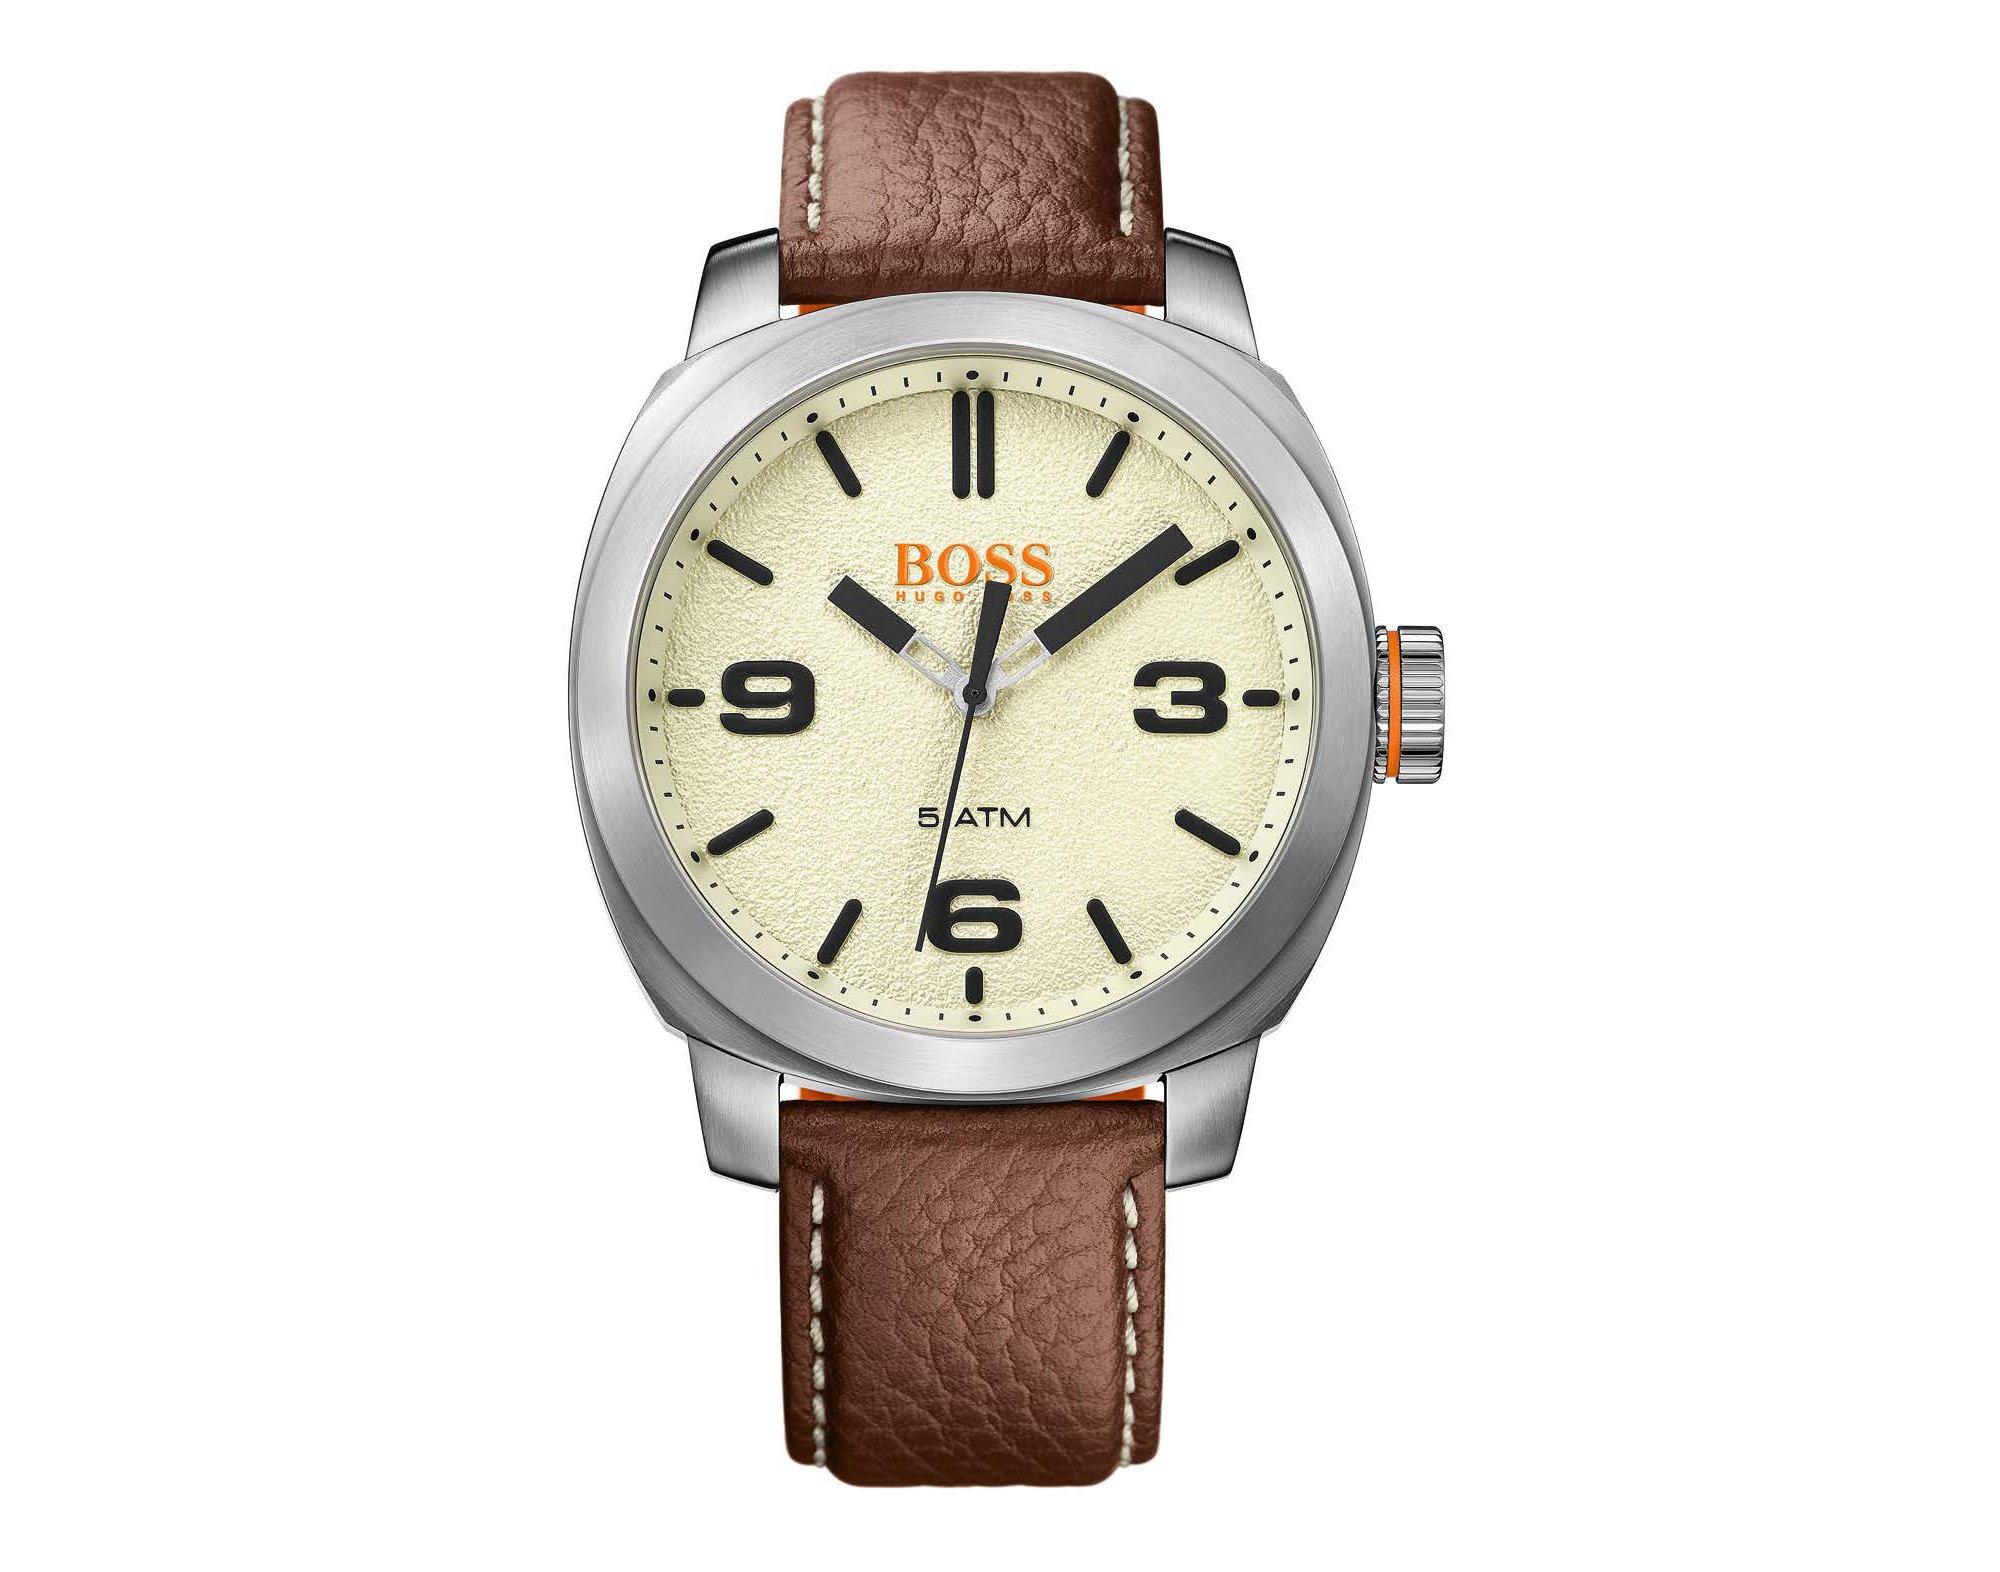 Uhr aus gebürstetem Edelstahl mit strukturiertem Zifferblatt und Lederarmband, Weiß